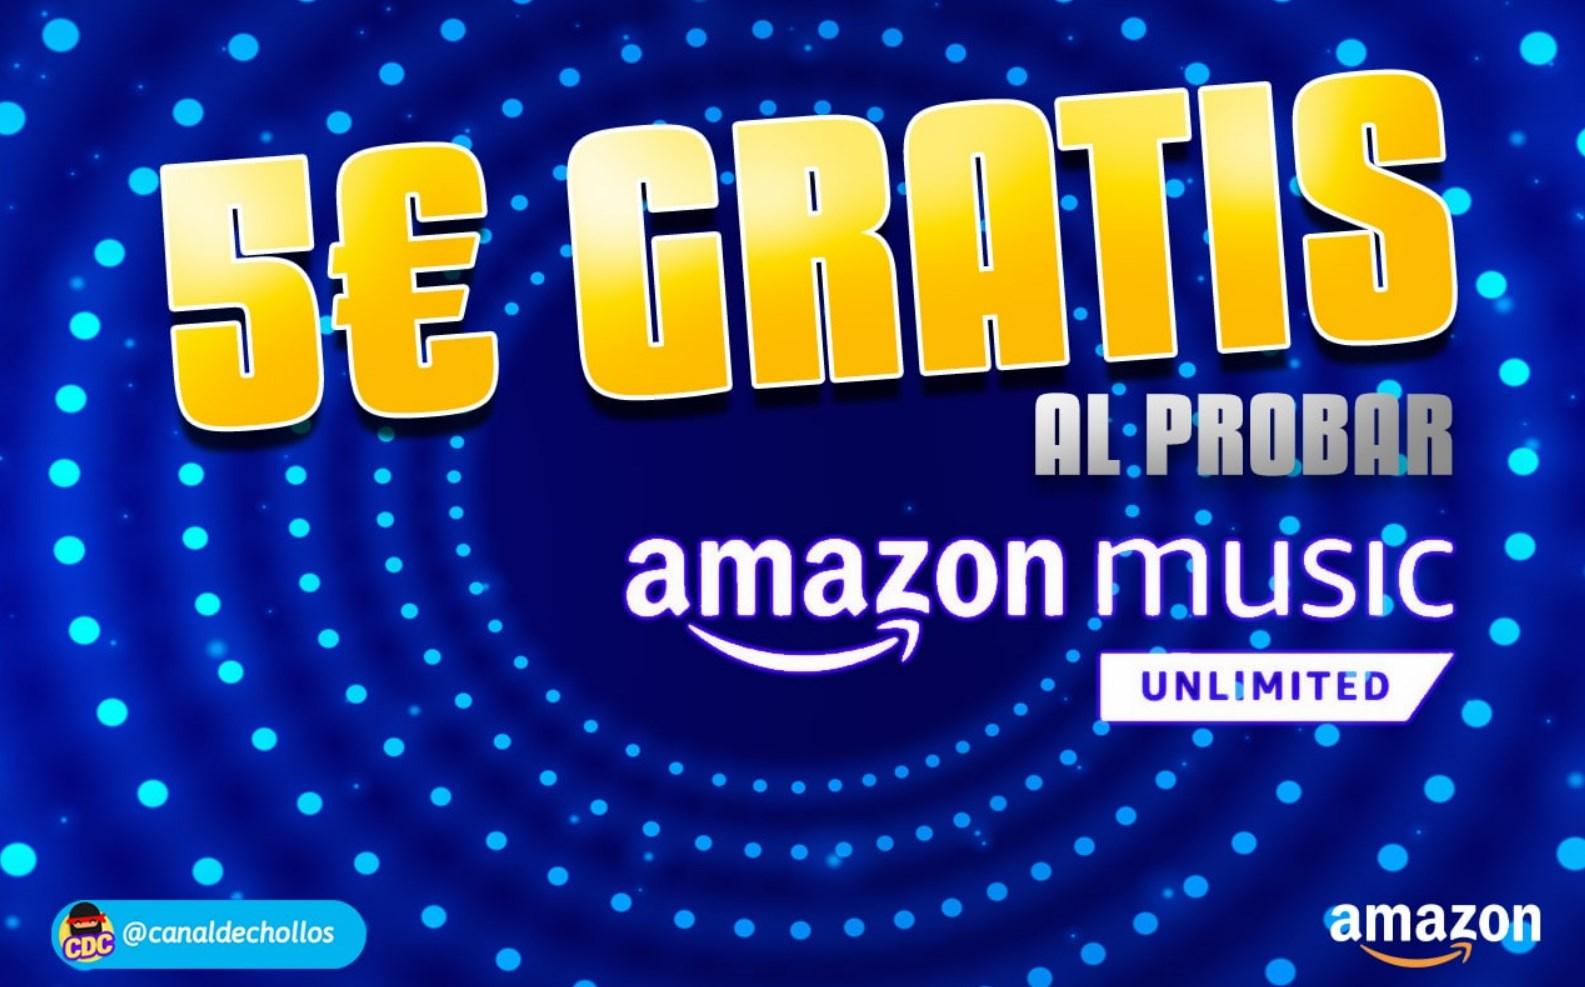 5€ GRATIS al probar Amazon Music Unlimited (Cuentas Seleccionadas)